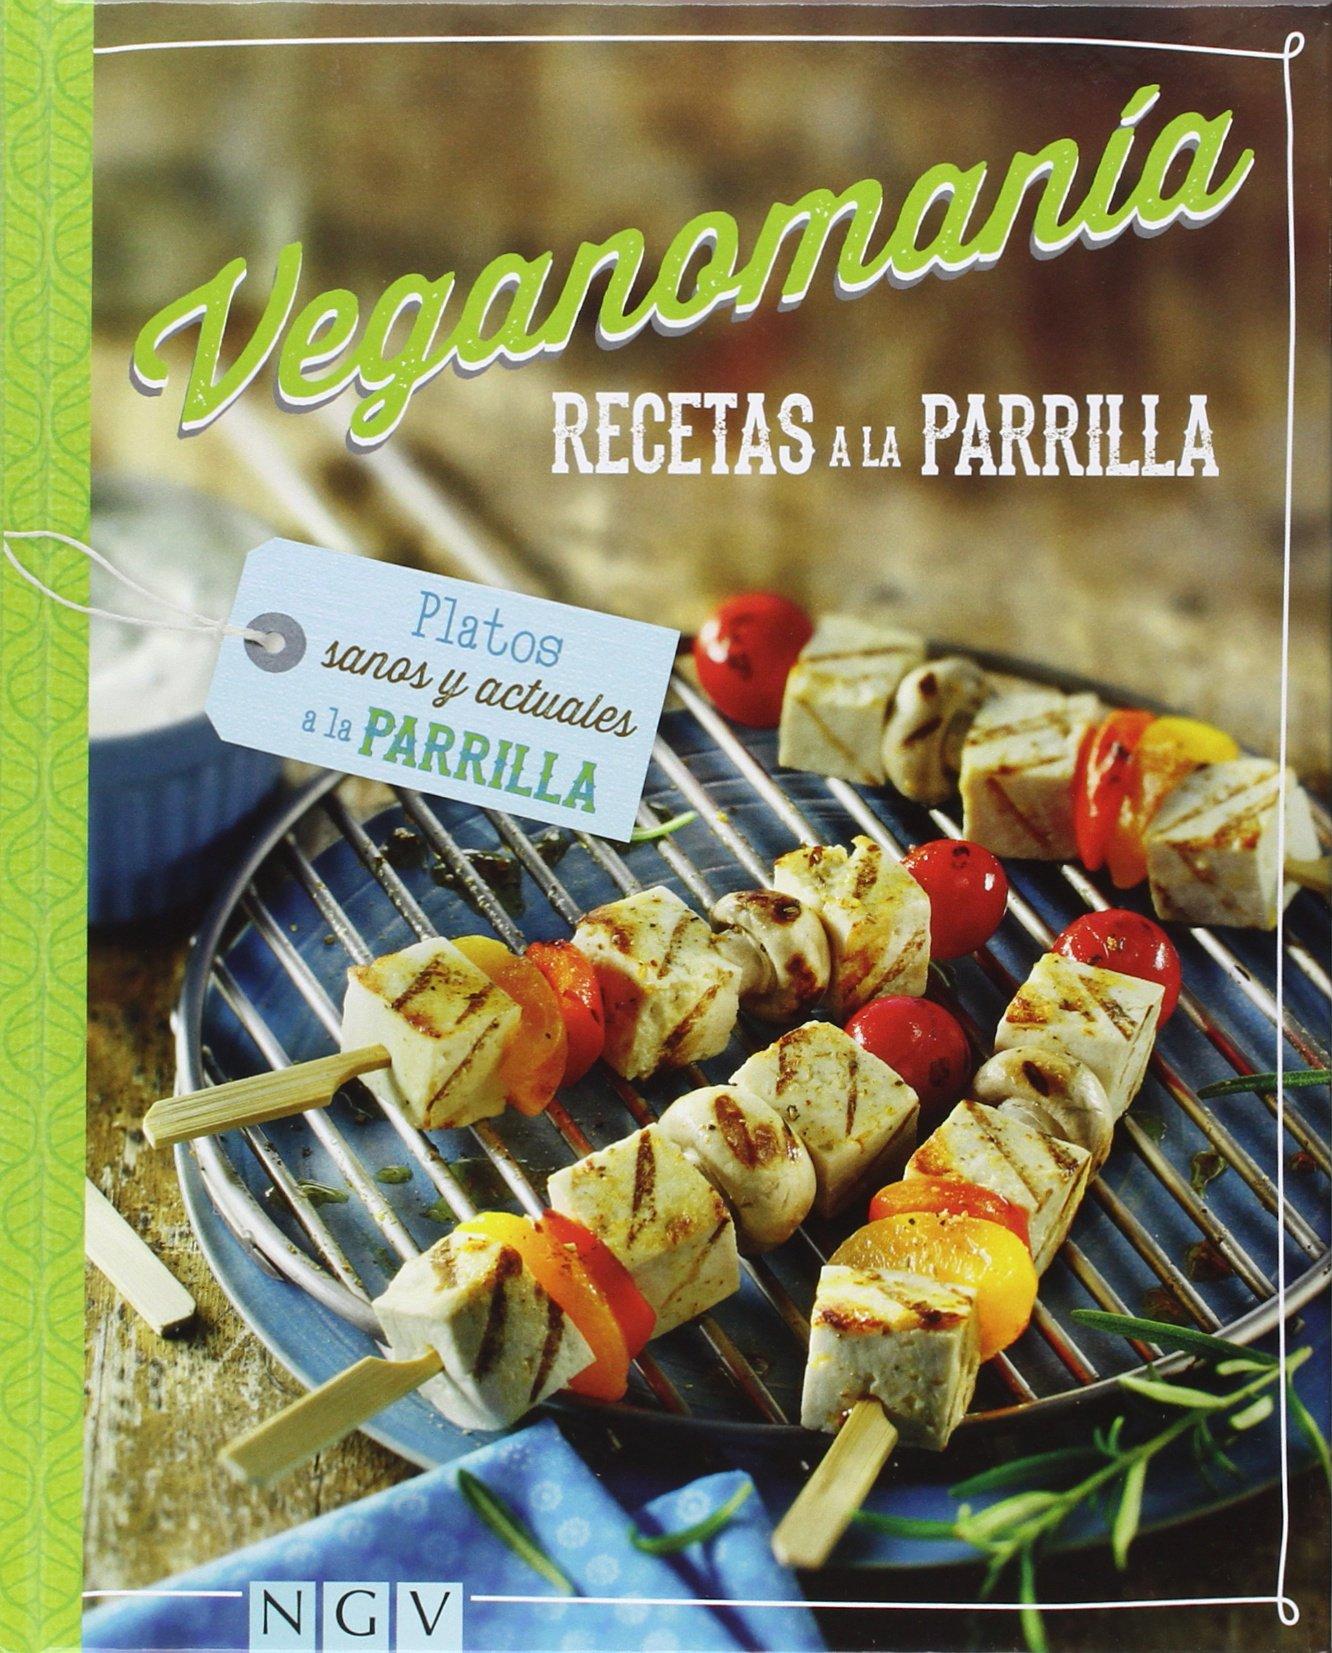 Recetas A La Parrilla (Veganomanía): Amazon.es: Vv.Aa.: Libros